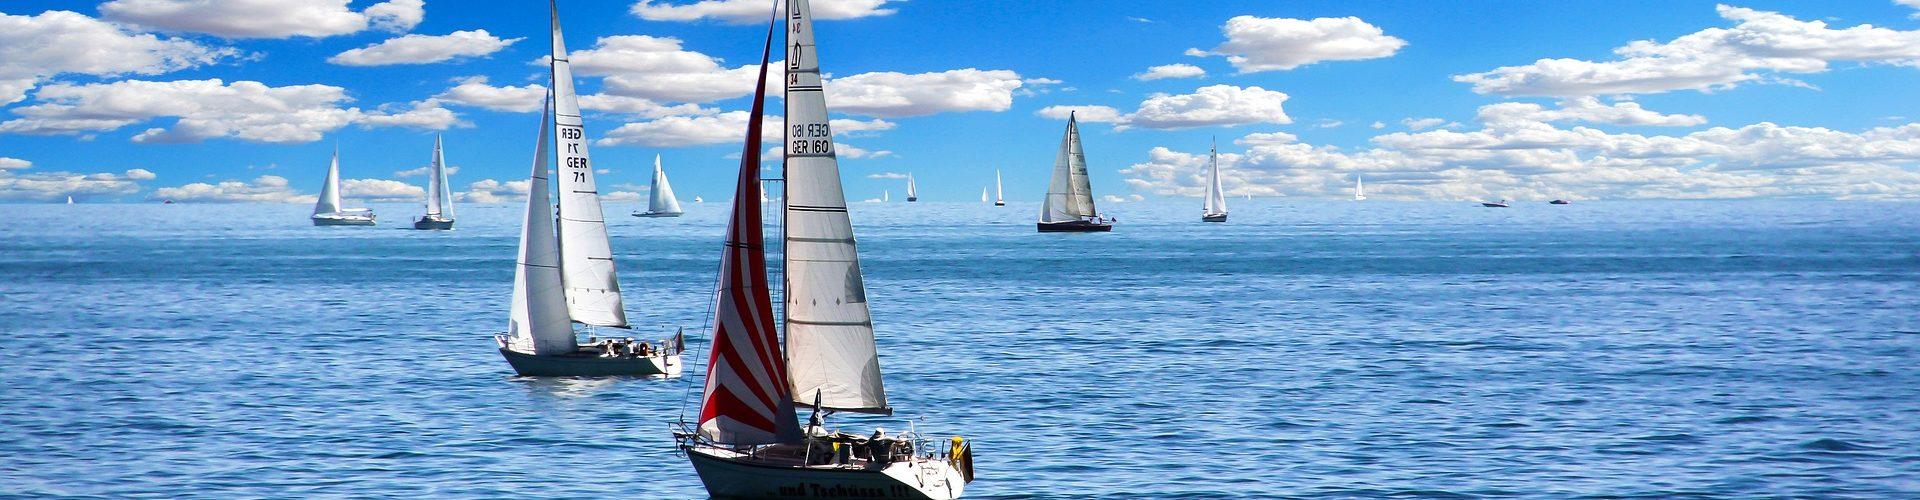 segeln lernen in Herne segelschein machen in Herne 1920x500 - Segeln lernen in Herne